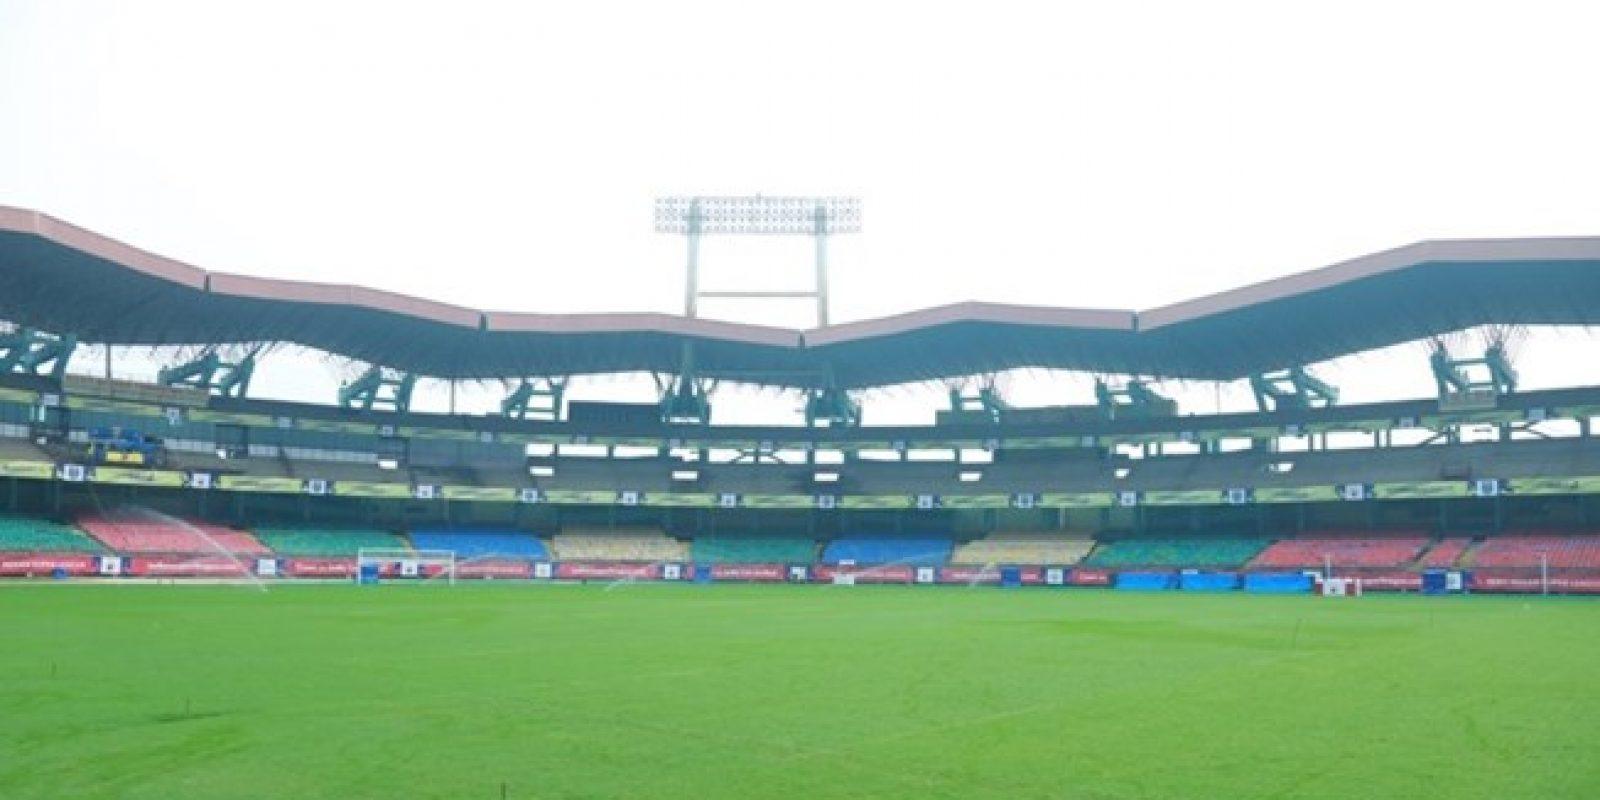 Jawaharlal Nehru International Stadium (Kochi): Otro de los estadios que rinde tributo al primer Primer Ministro de India. Construido en 1996, tiene una capacidad para 55 mil espectadores y su construcción lo hace ser uno de los recintos donde más se escucha el sonido ambiente.